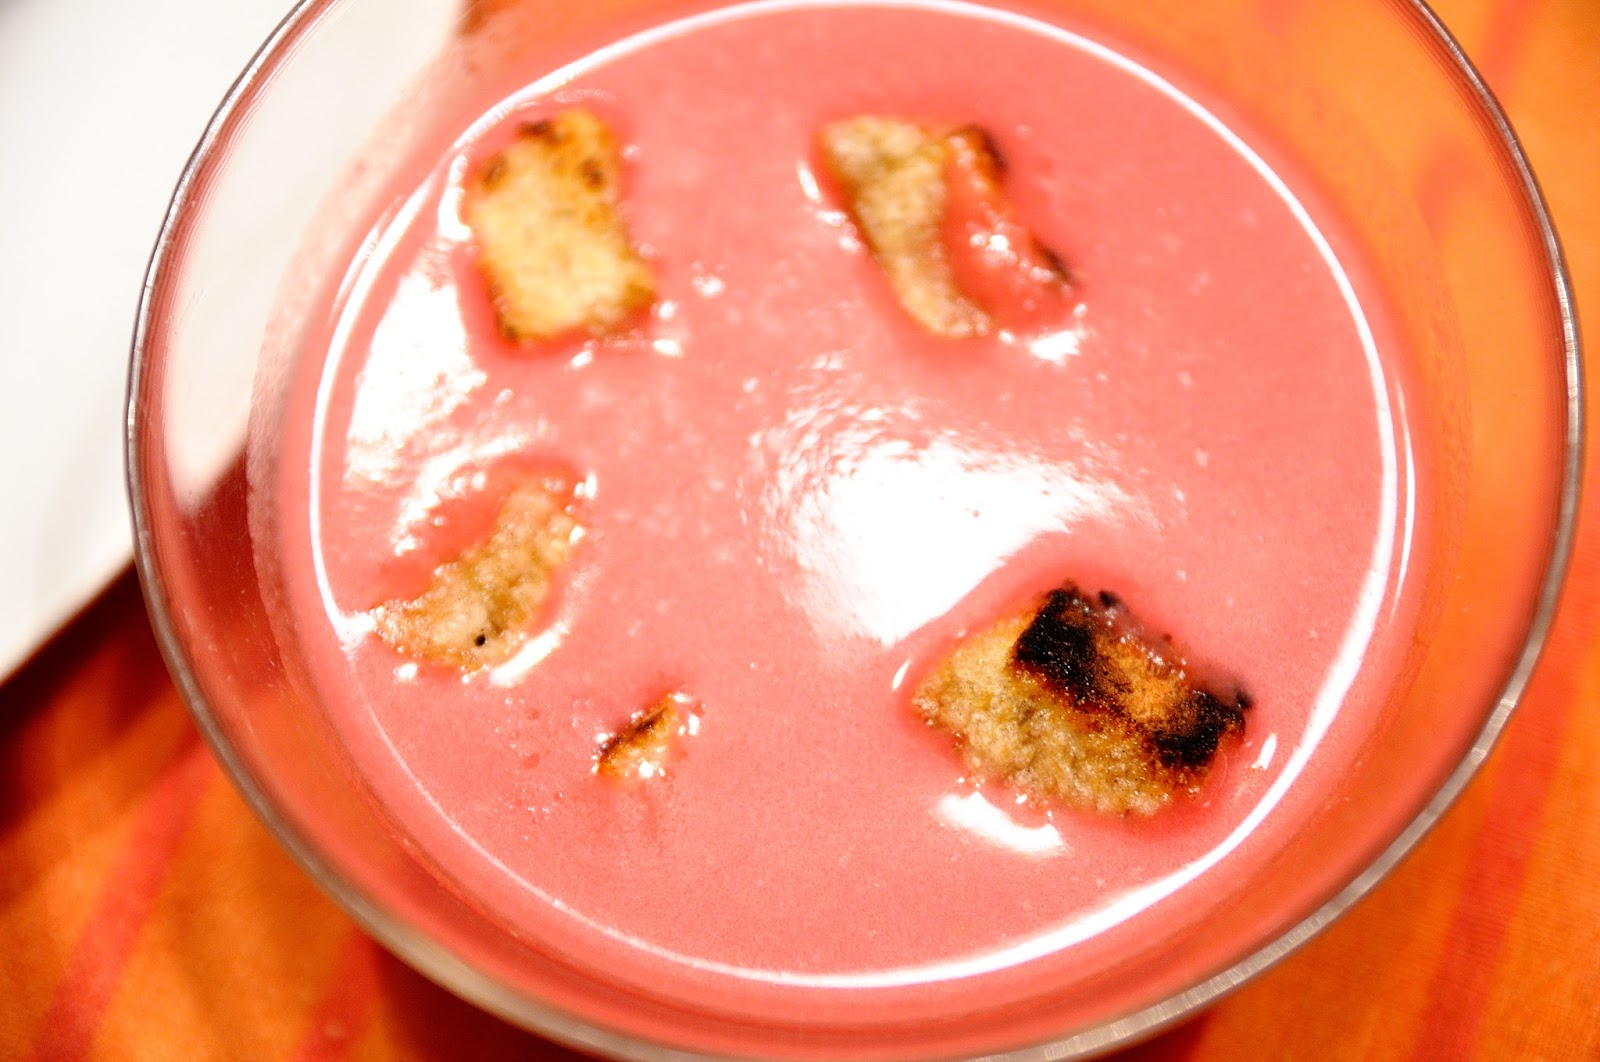 Crema de mel n y remolacha cocinar para nutrir for Cocinar remolacha